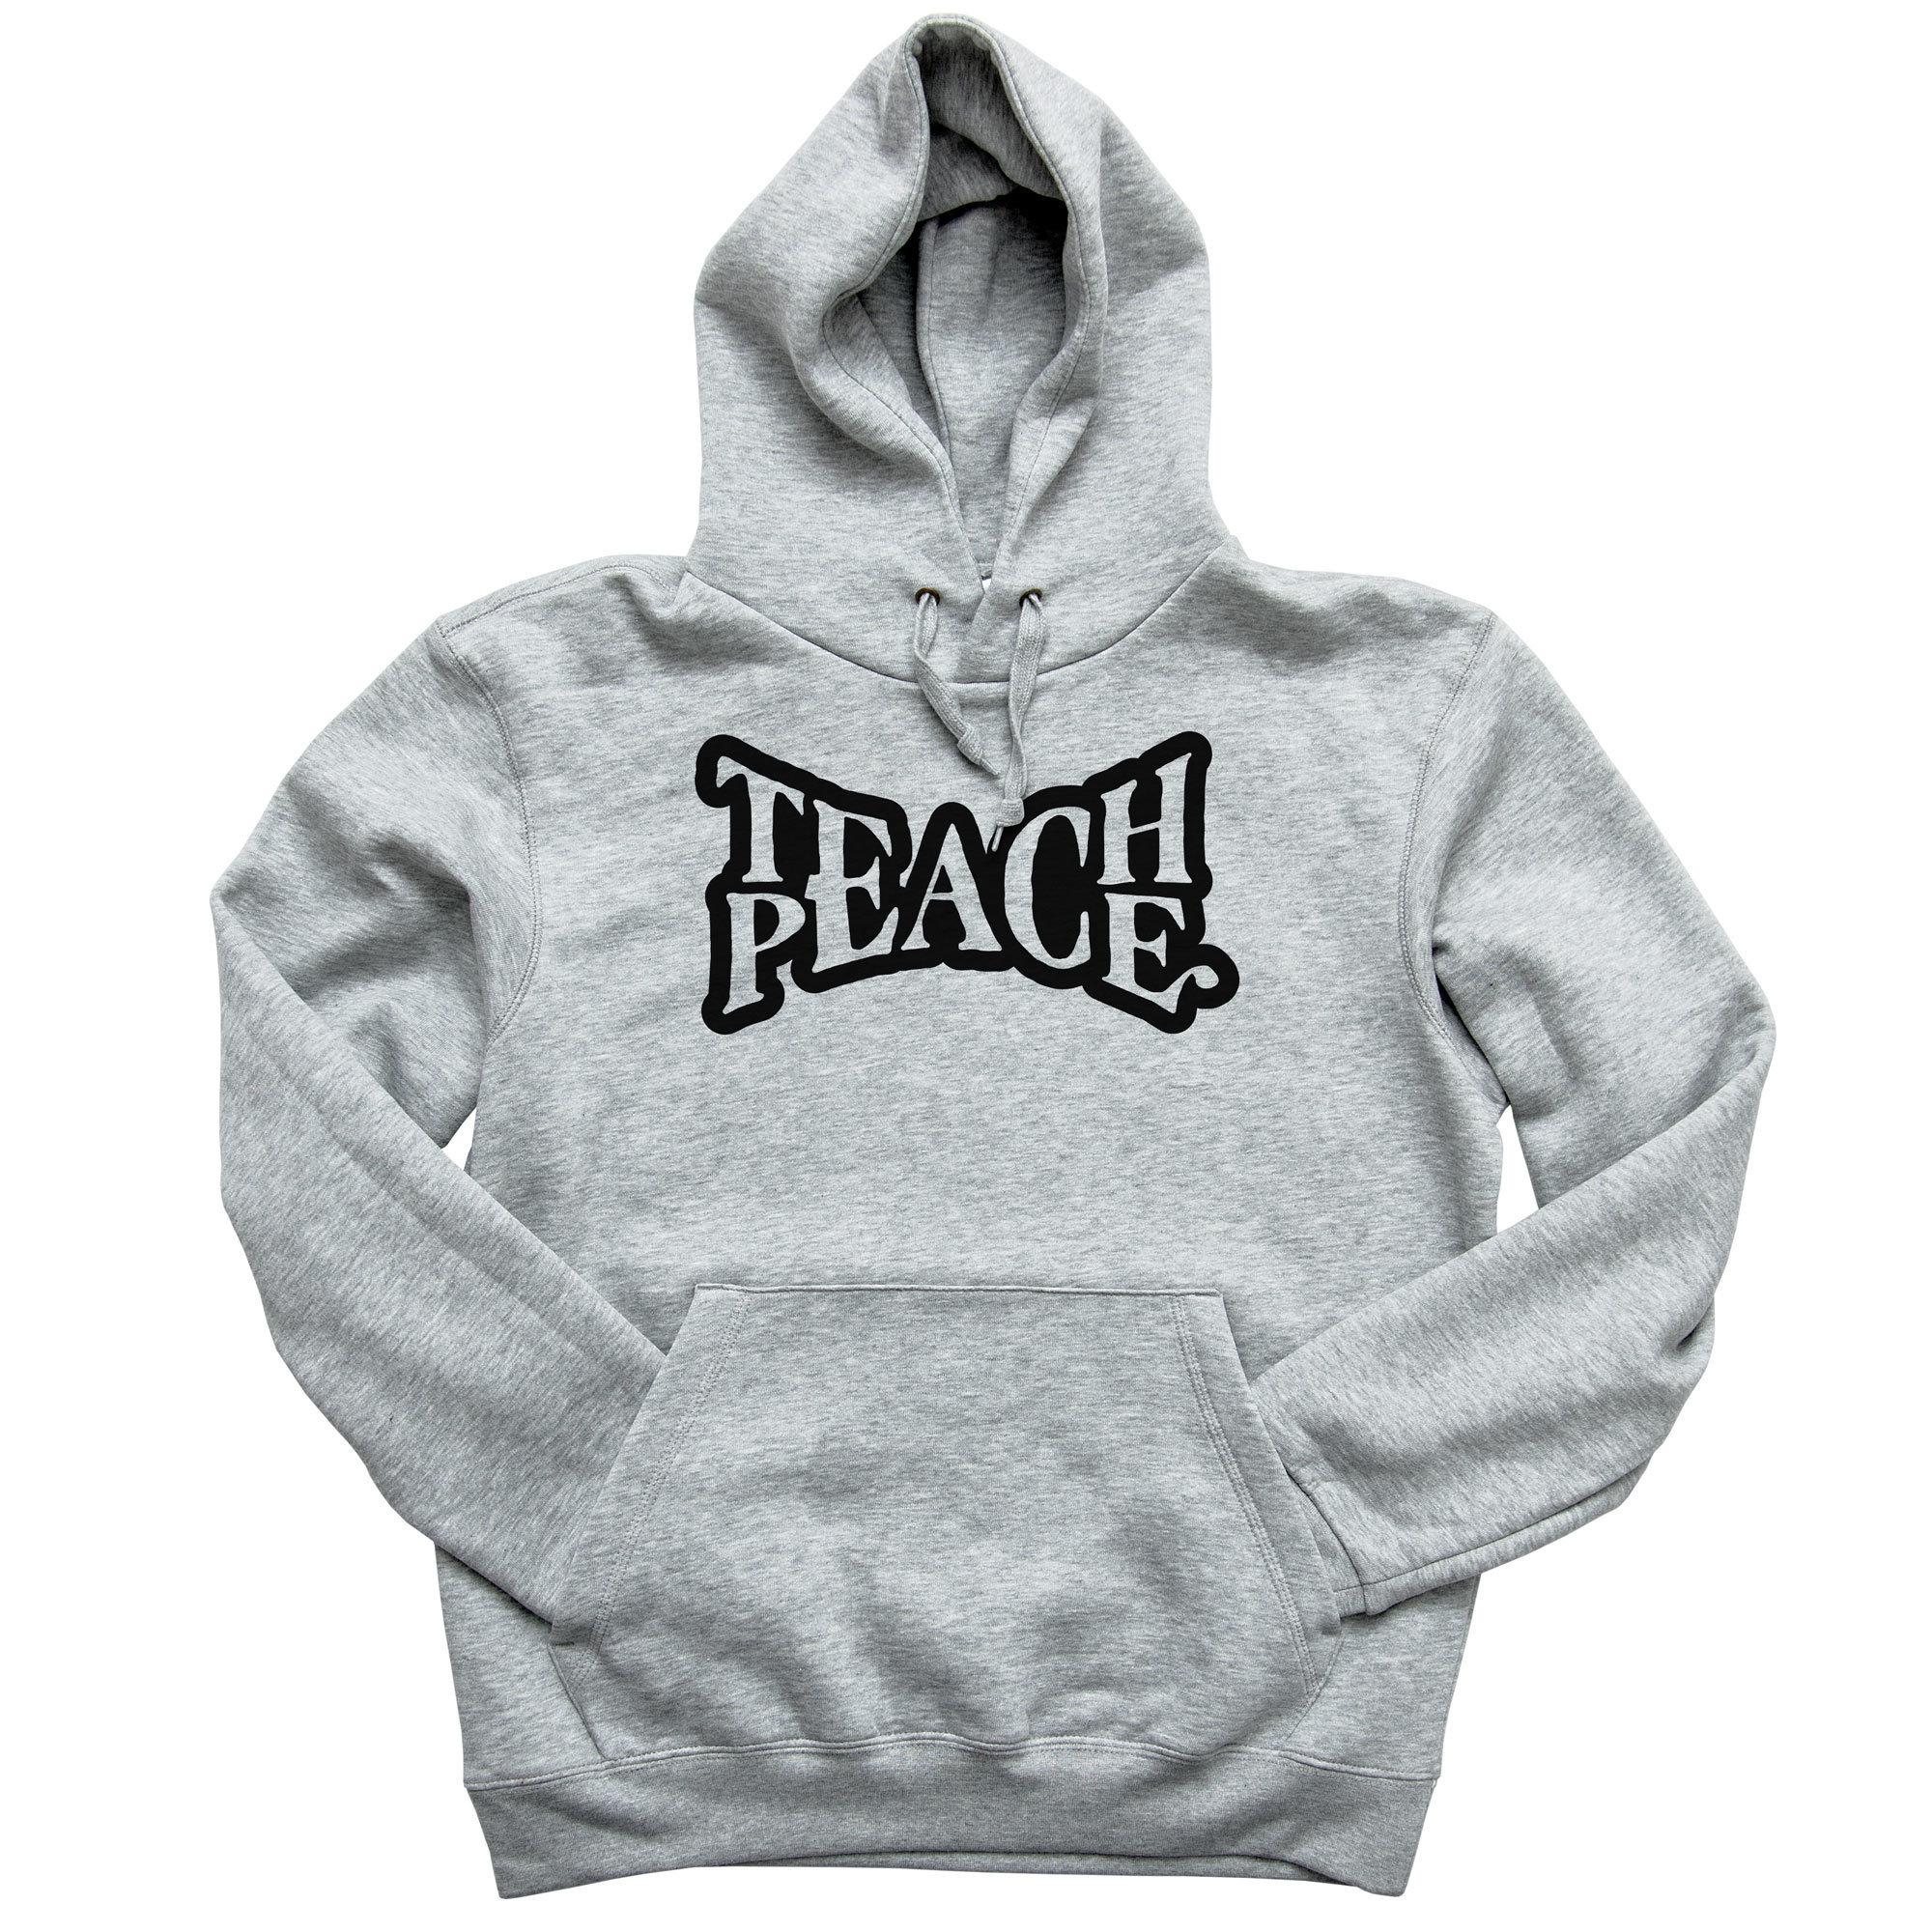 Teach Peace 00410